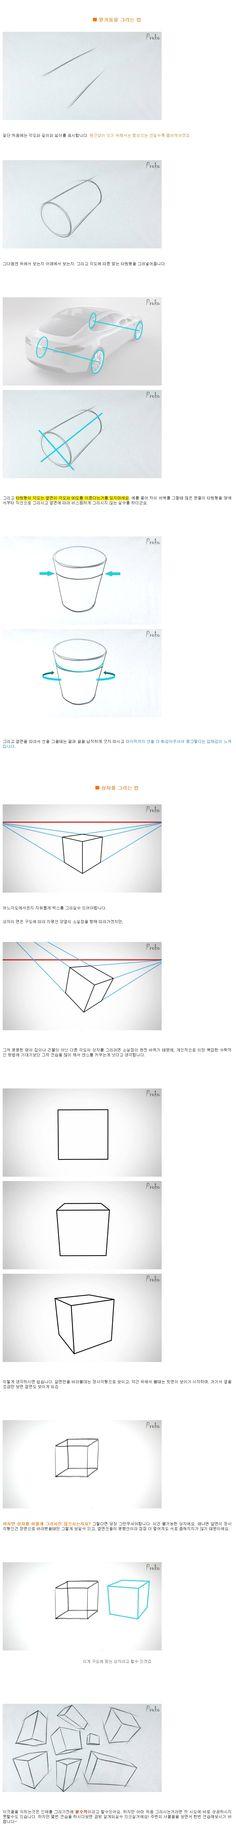 [강좌] 그림구조의 기초 - 3D 입체적으로 그리는 법 튜토리얼(2) https://www.youtube.com/watch?v=3uEtdDvK6Xo